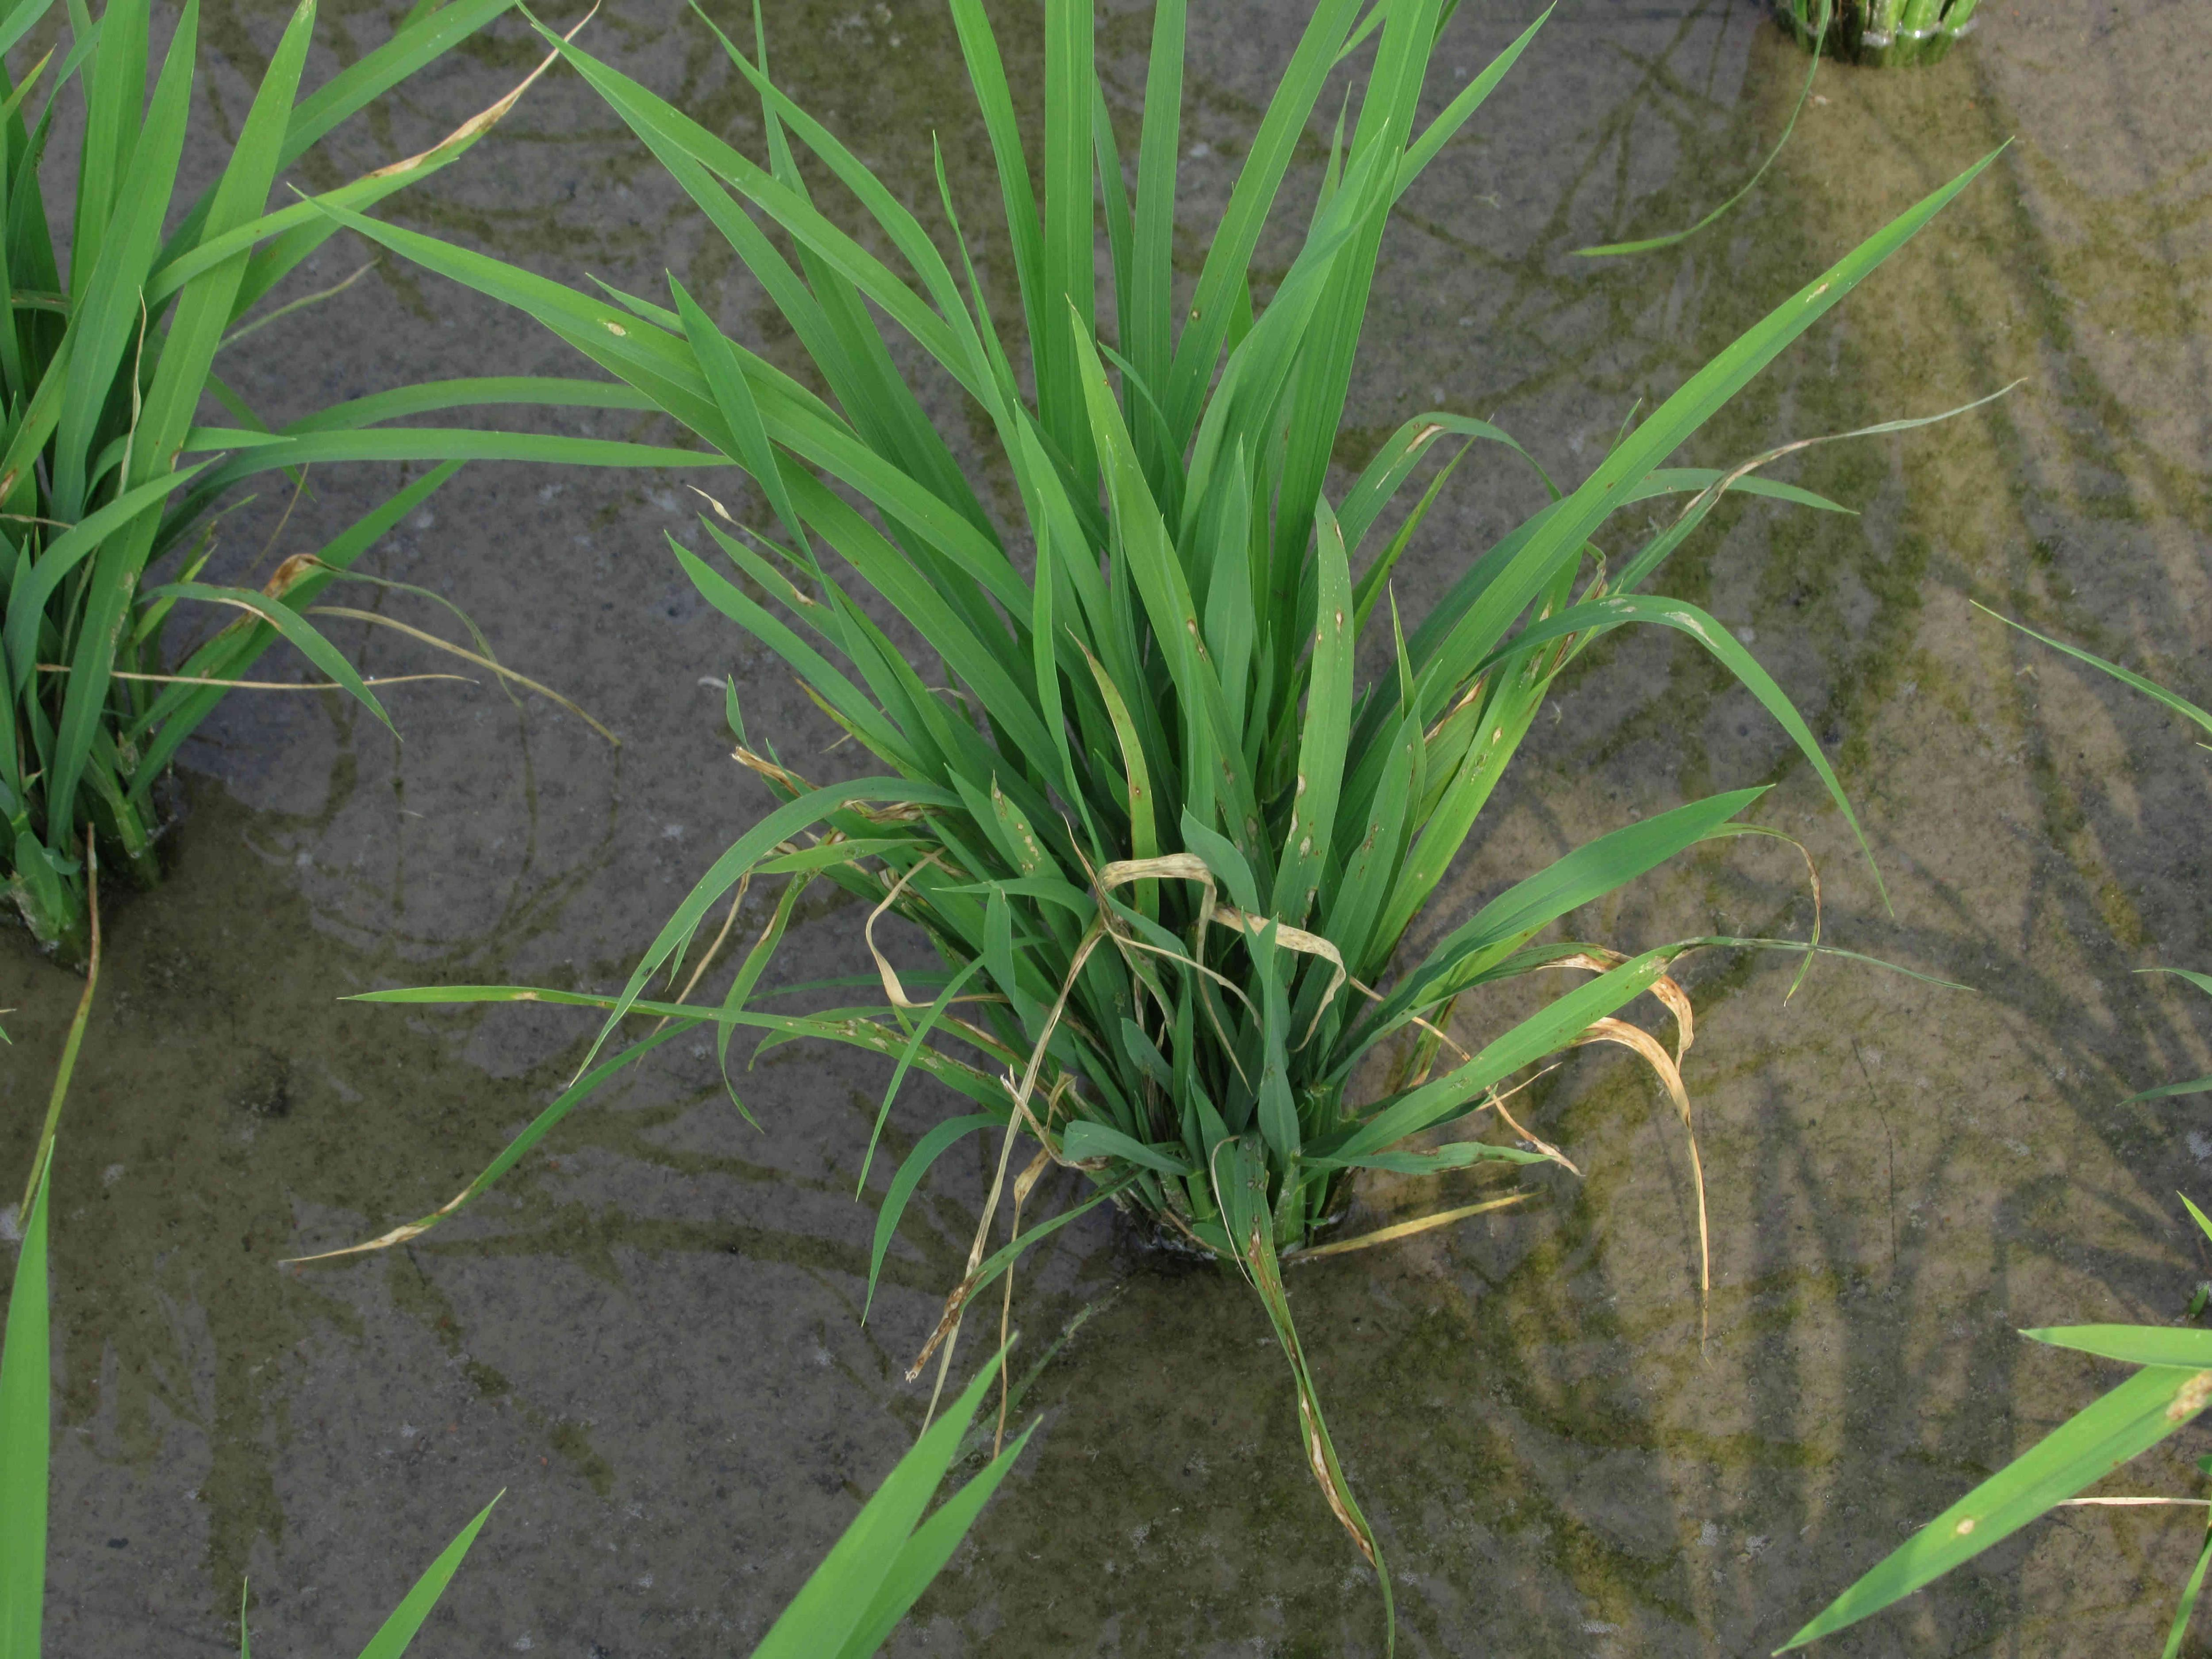 高屏地區之水稻已陸續進入分蘗盛期,稻熱病已開始零星發生